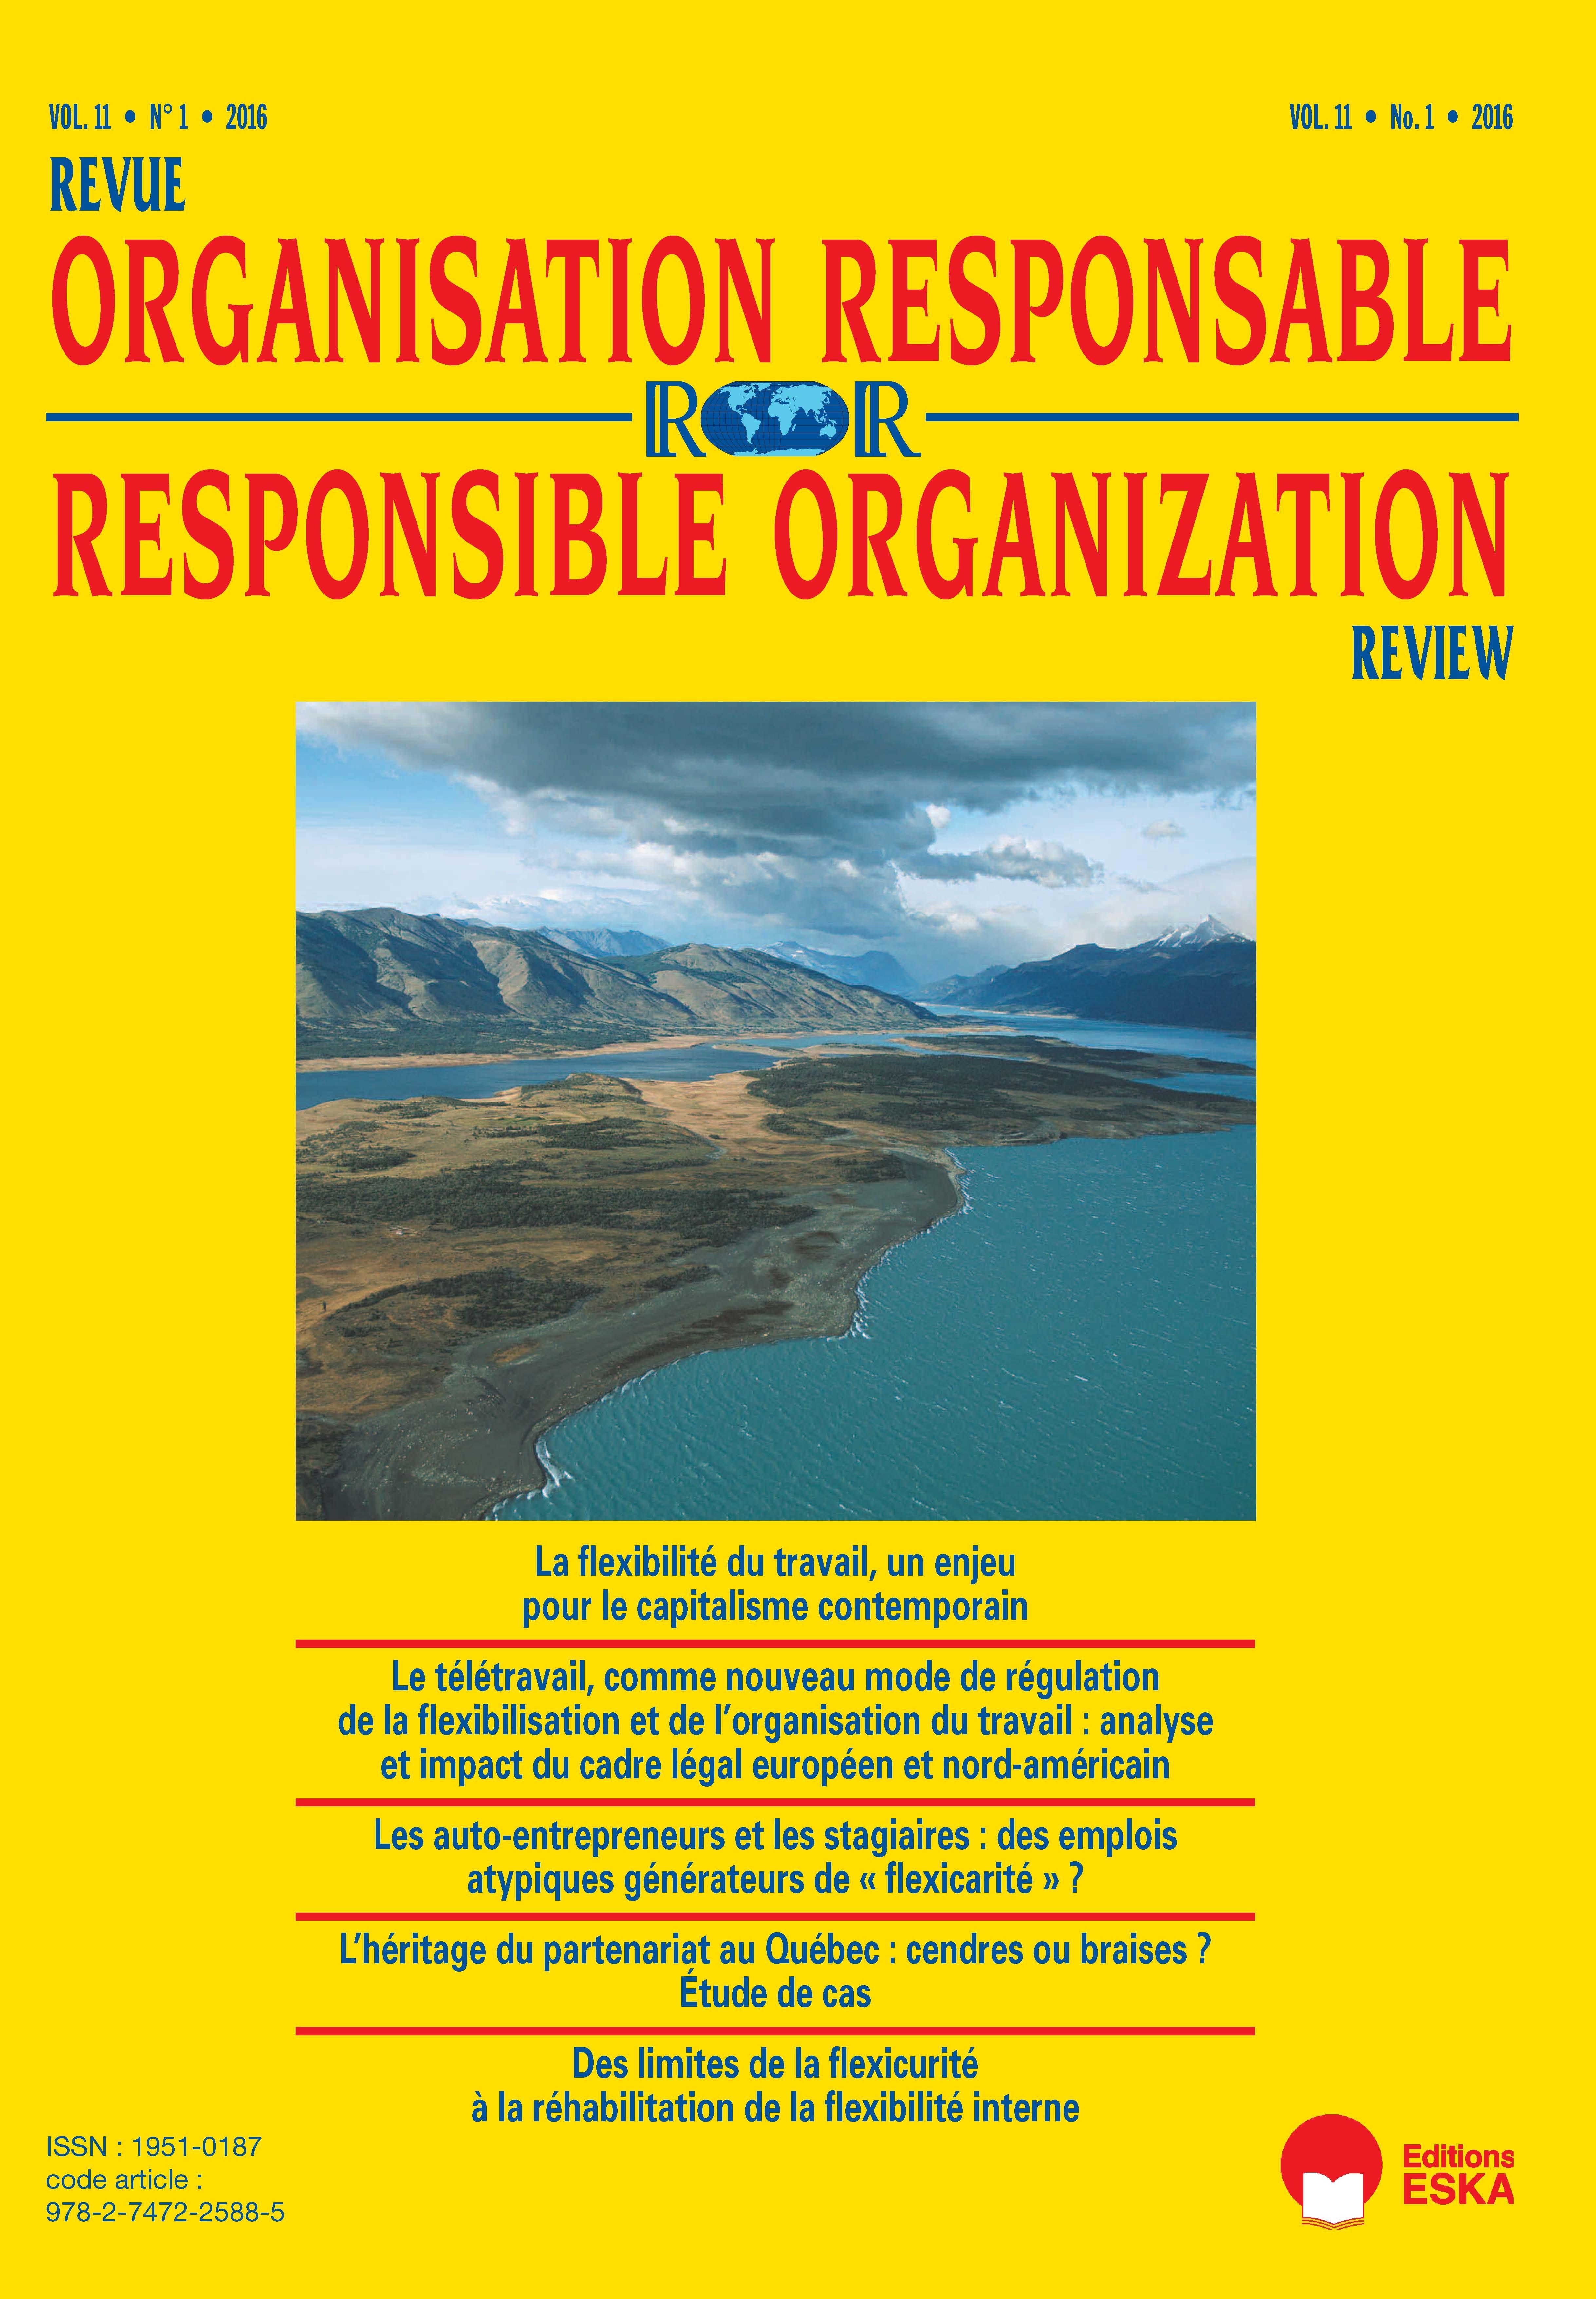 5a0a0cedd0 Le télétravail, comme nouveau mode de régulation de la flexibilisation et  de l'organisation du travail : analyse et impact du cadre légal européen et  ...